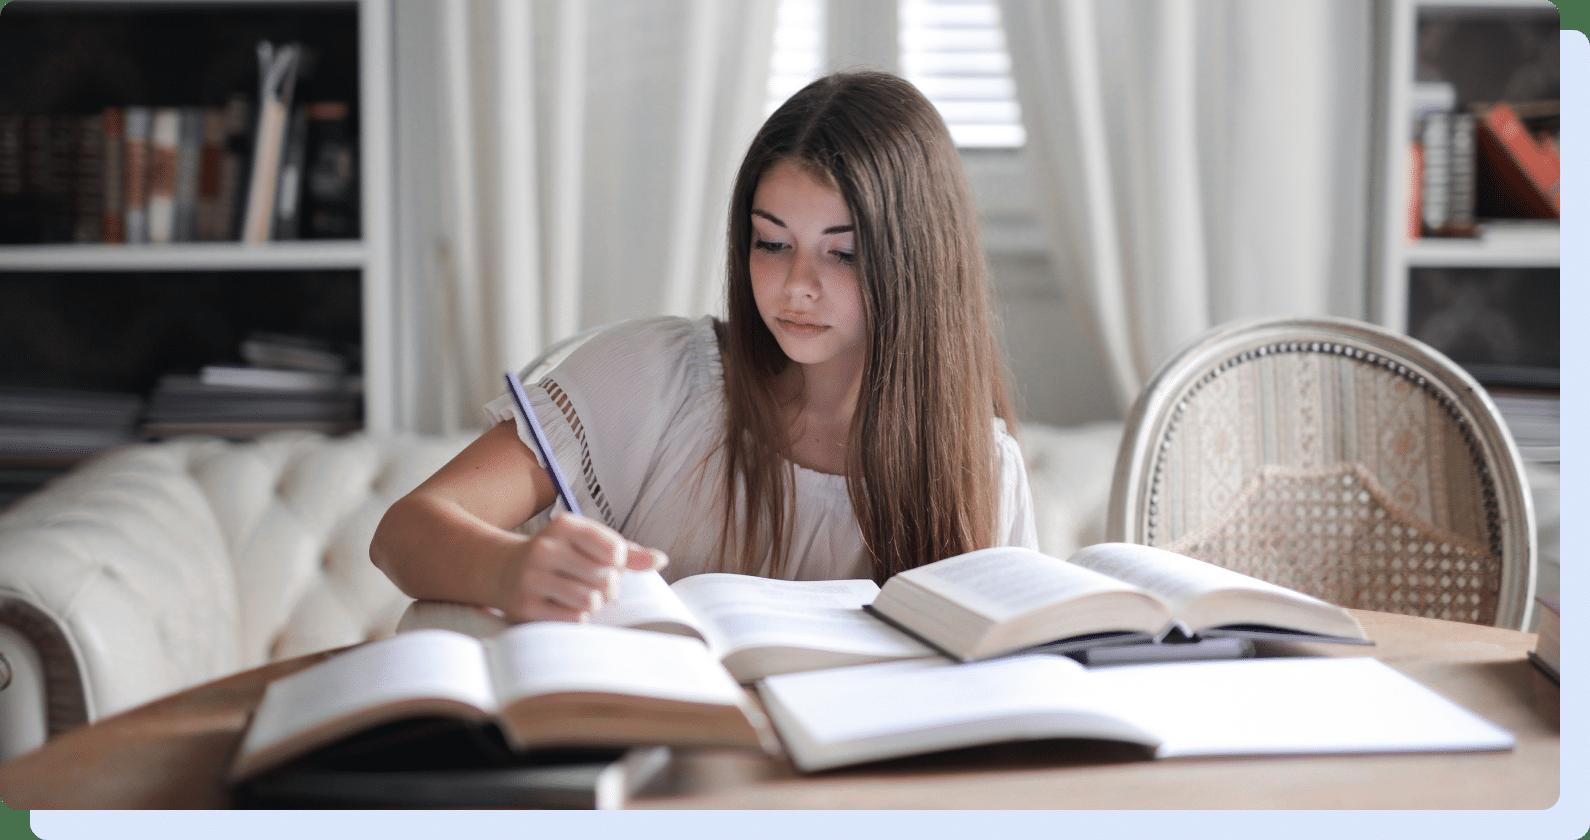 Tüdruk õpib